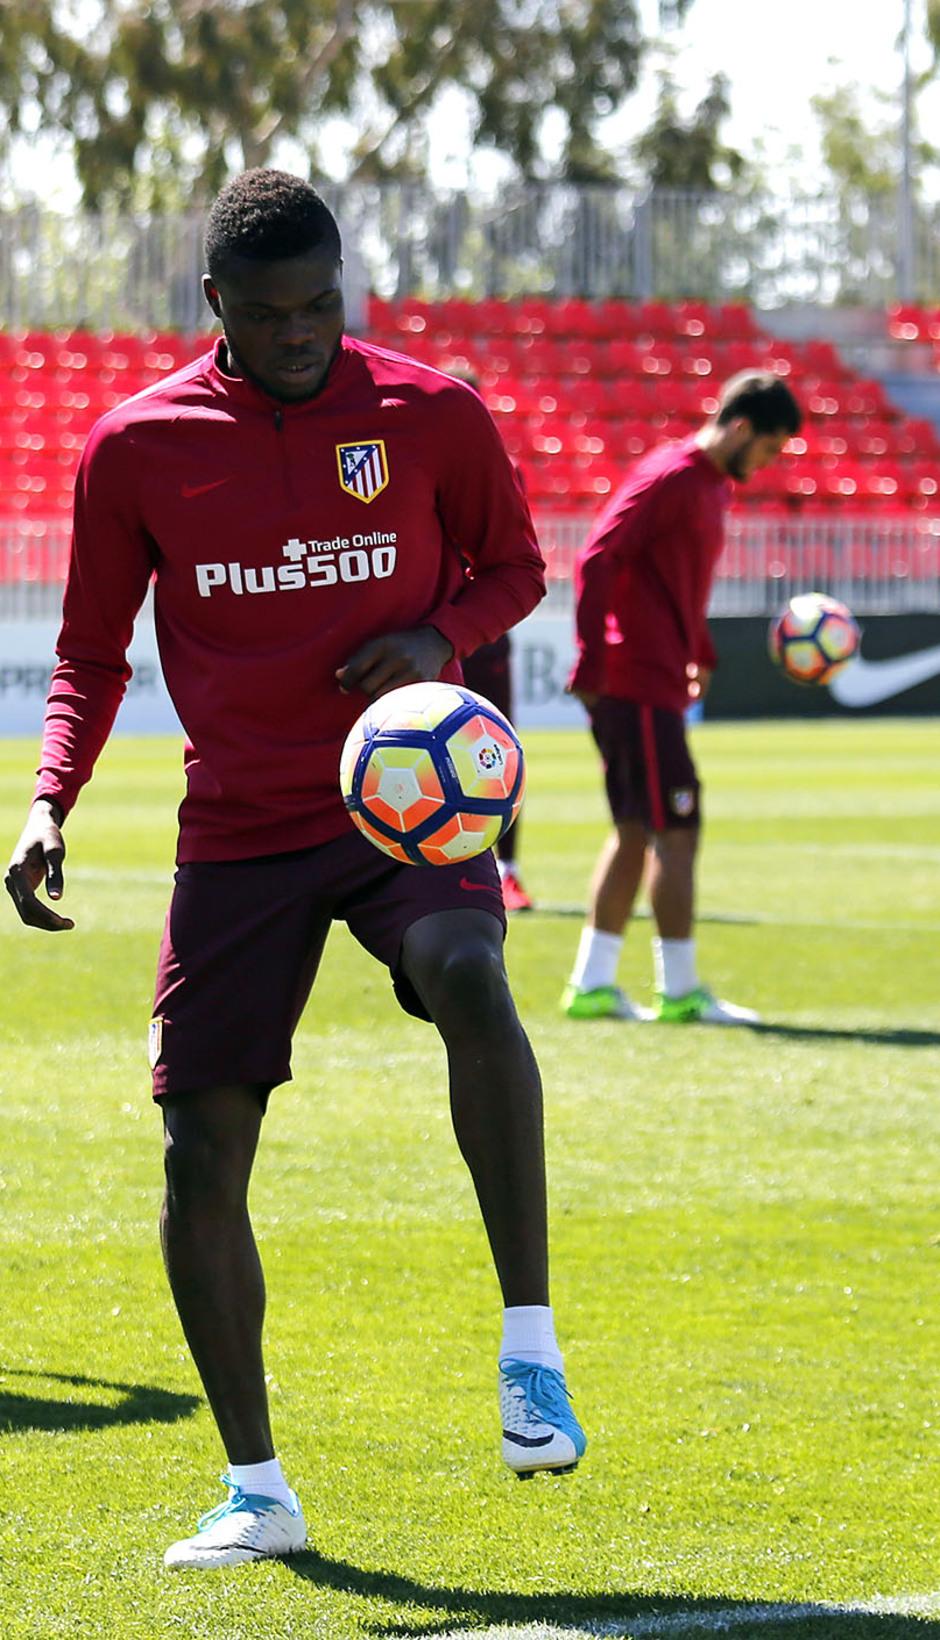 Temporada 16/17. Entrenamiento Ciudad deportiva Wanda. Thomas realizando toques durante el entrenamiento.